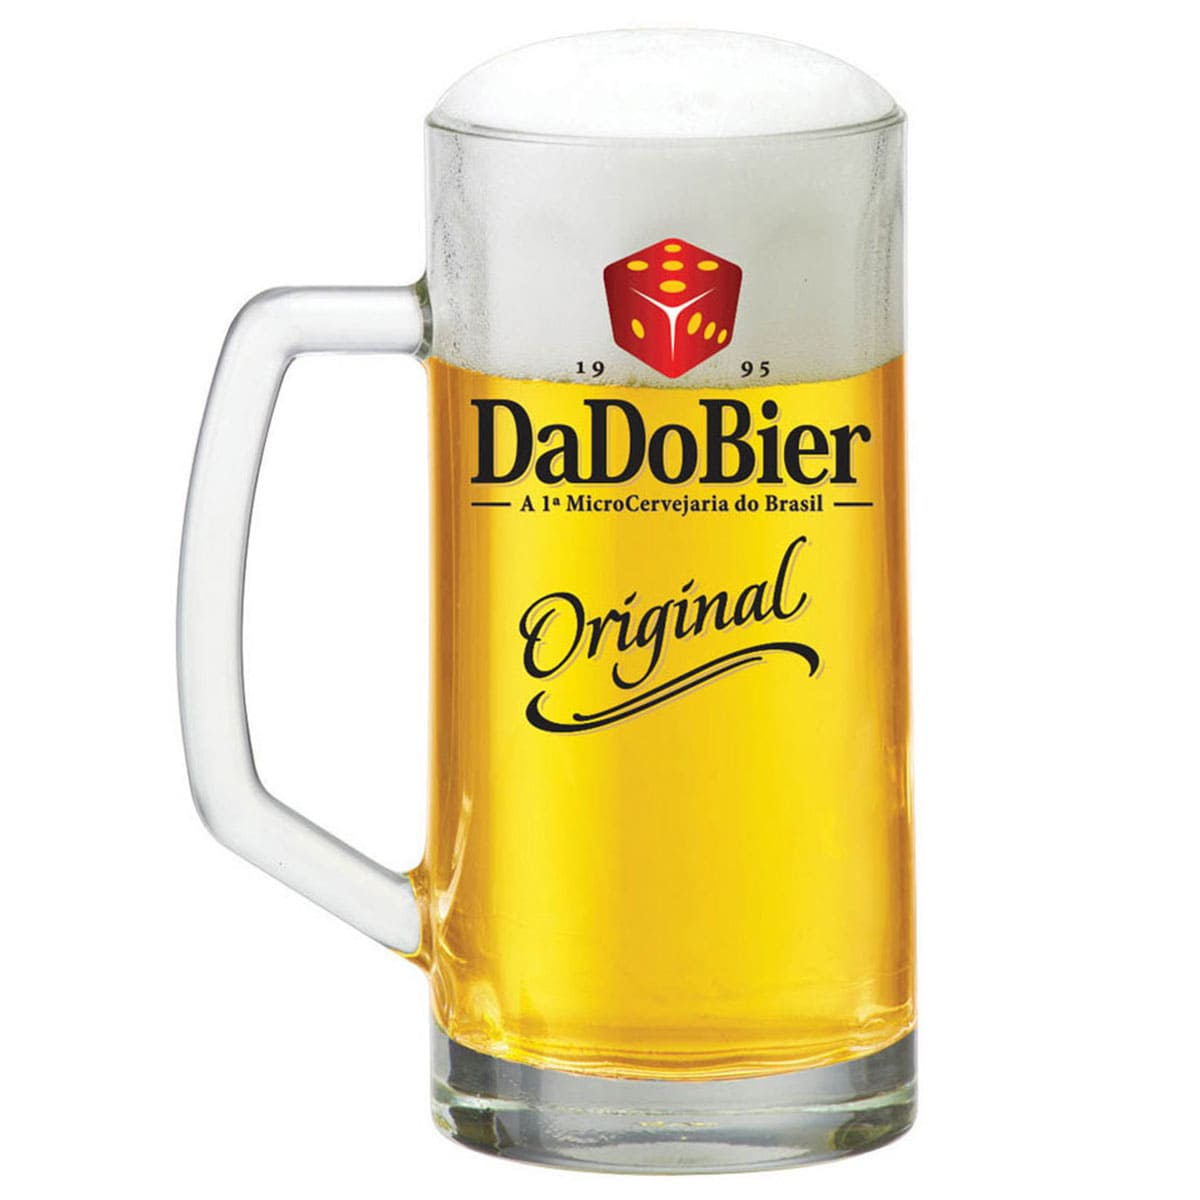 Caneca de Chopp de Vidro ou Cerveja Dado Bier Original 300ml